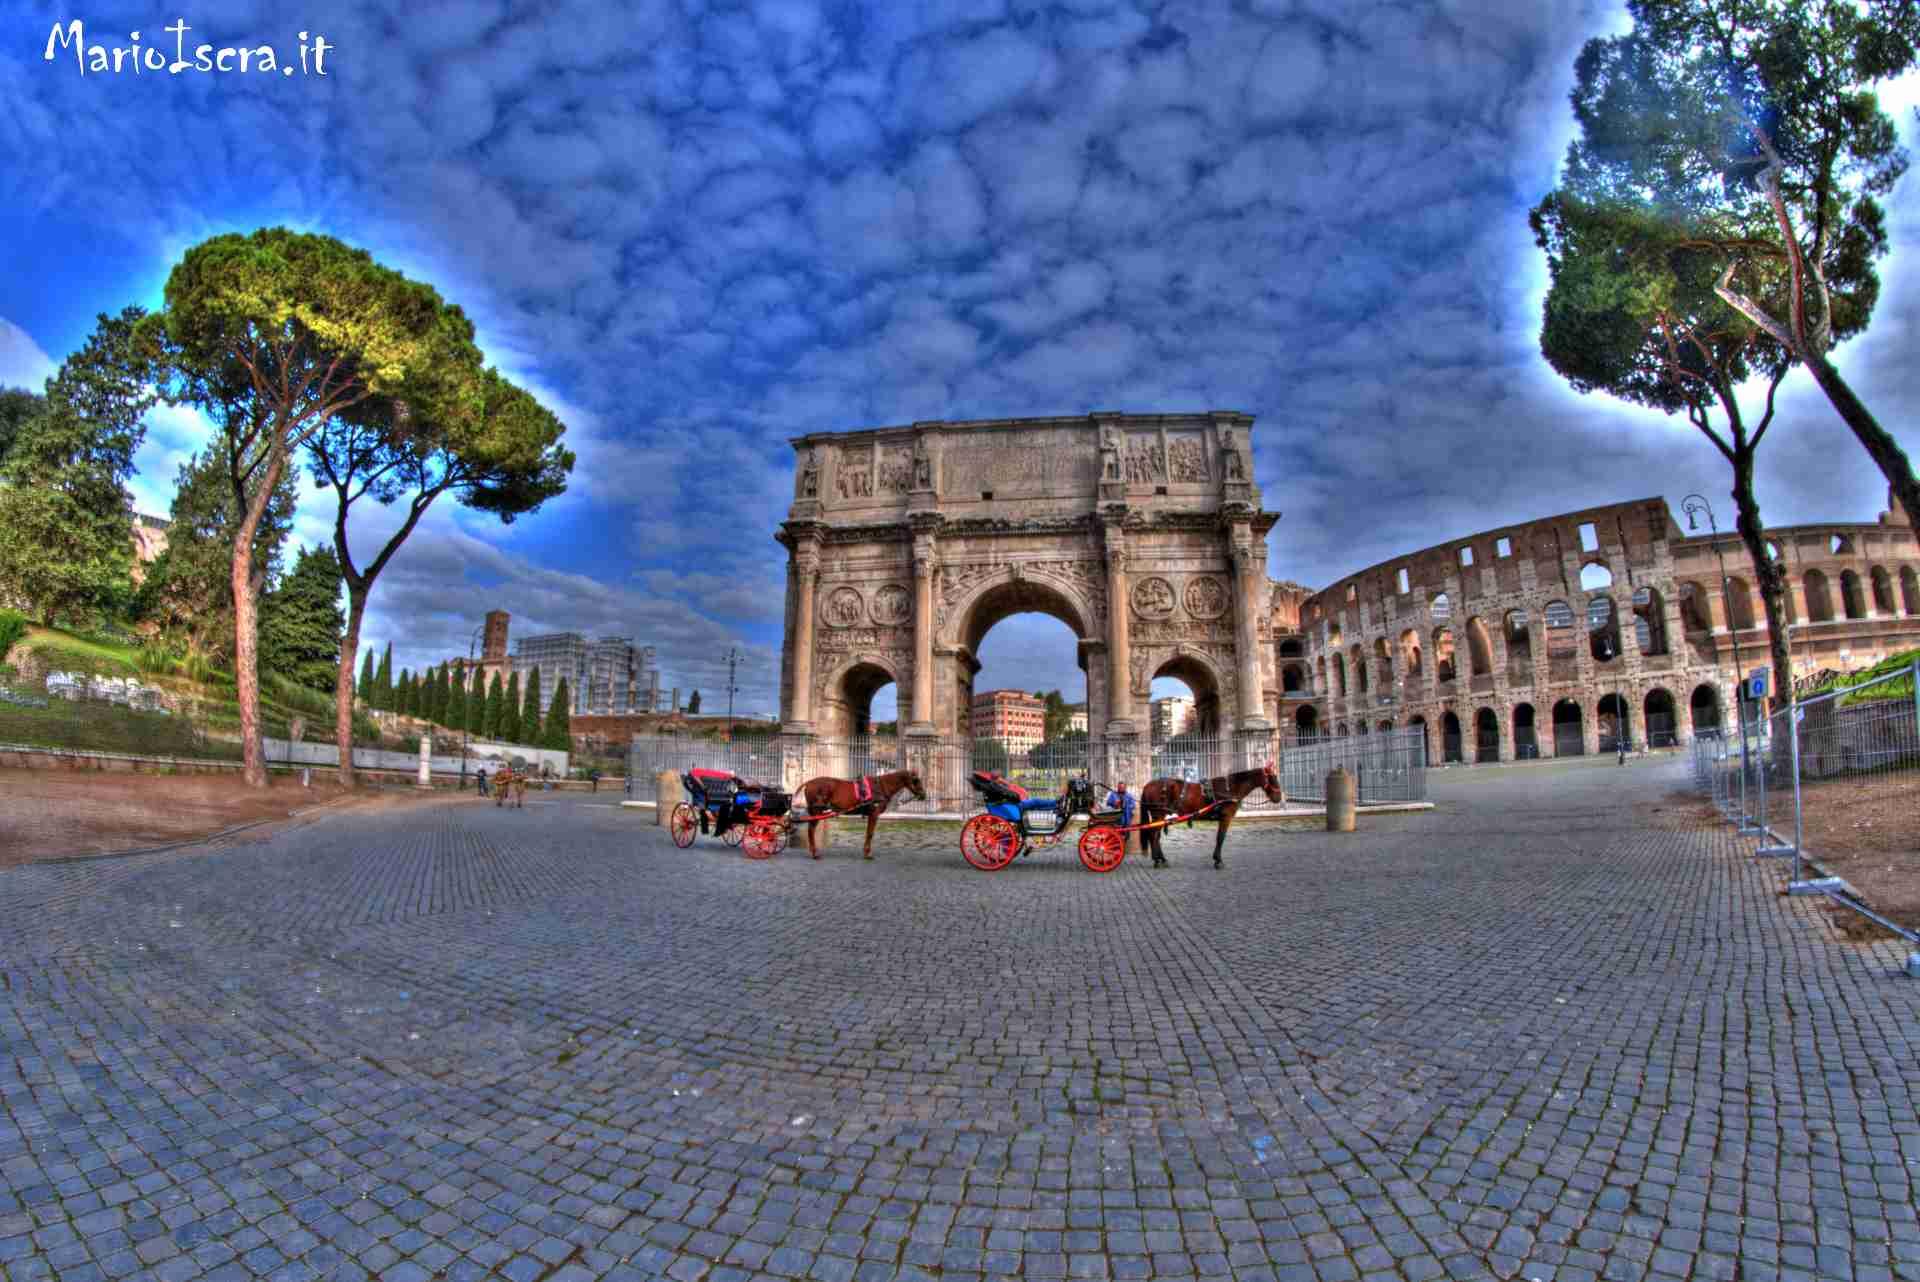 foro romano con carrozzelle